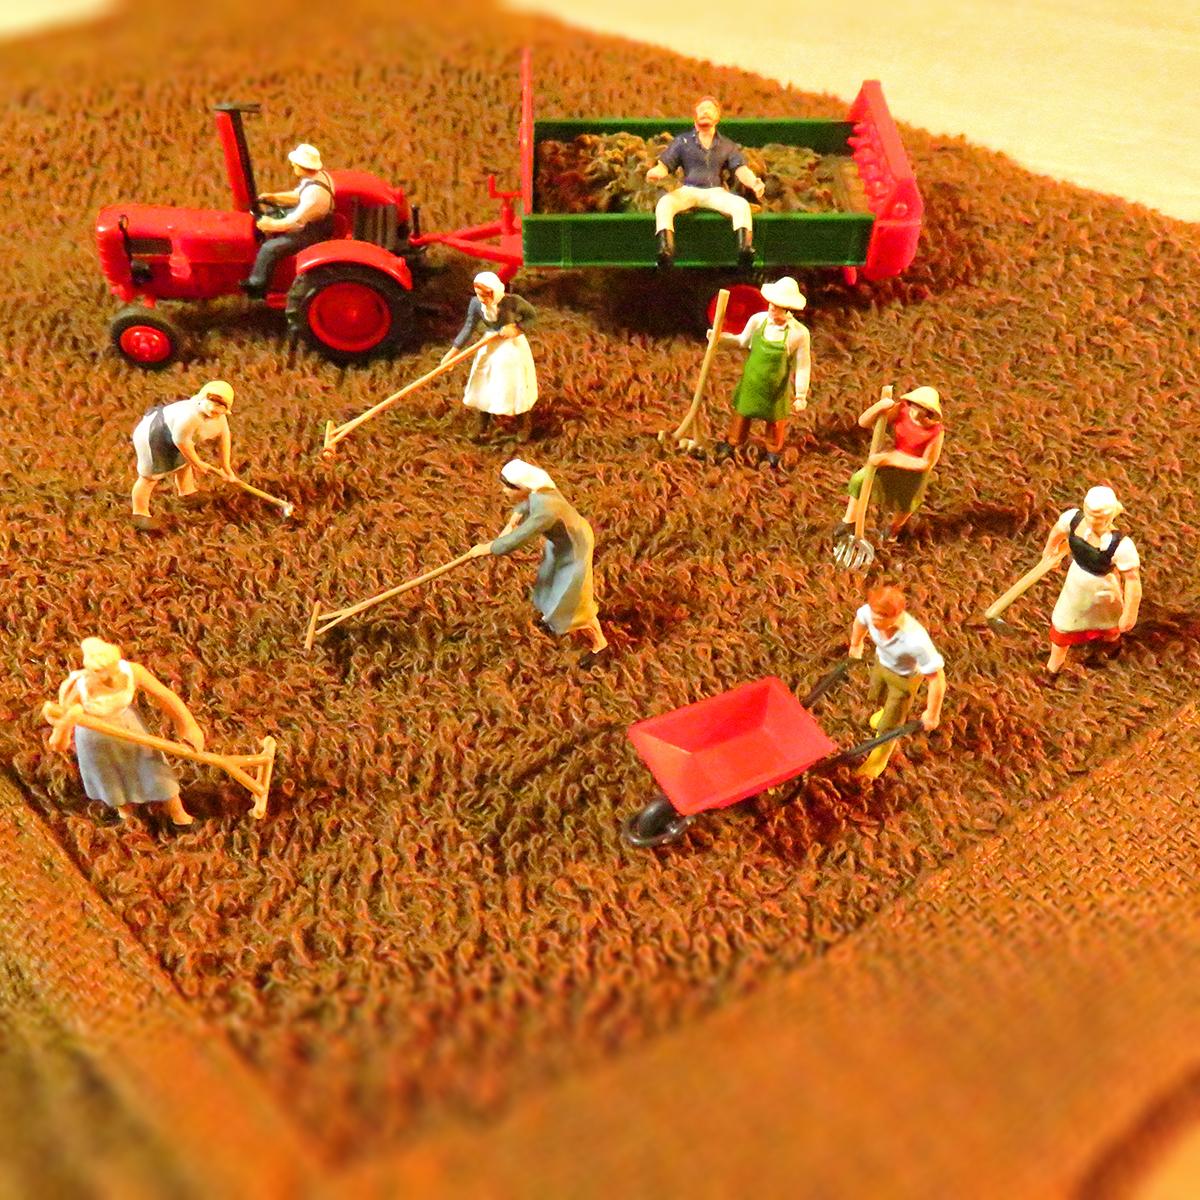 タオル畑の土を耕す農家